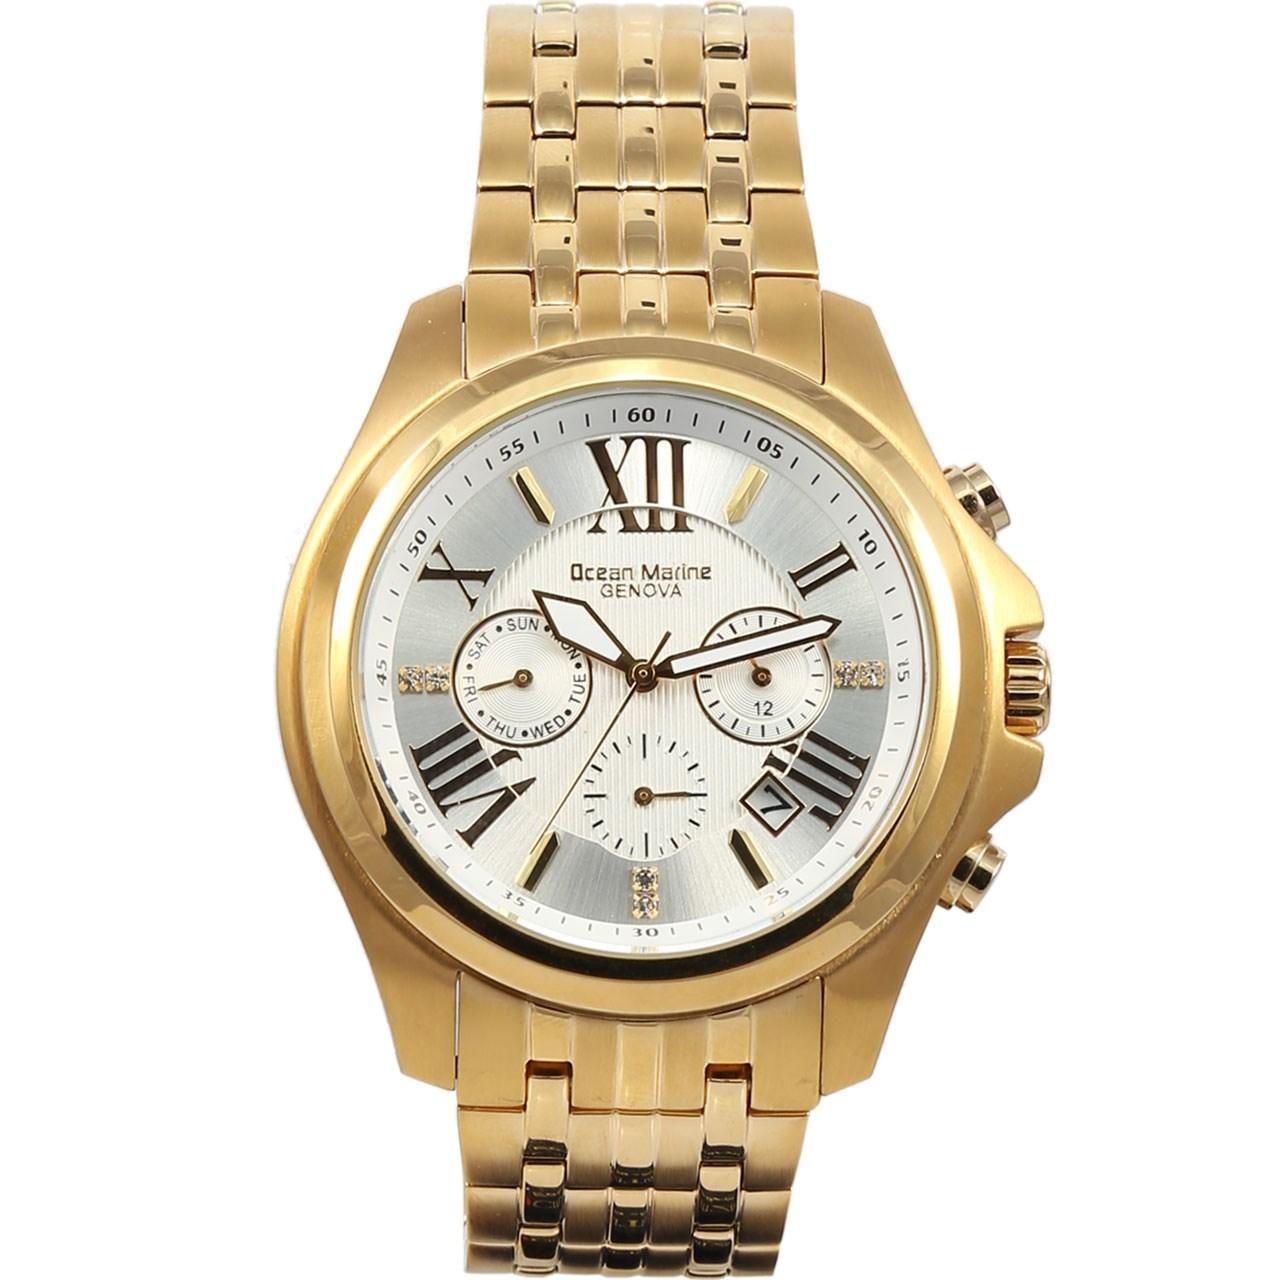 ساعت مچی عقربه ای مردانه اوشن مارین مدل OM9959-4